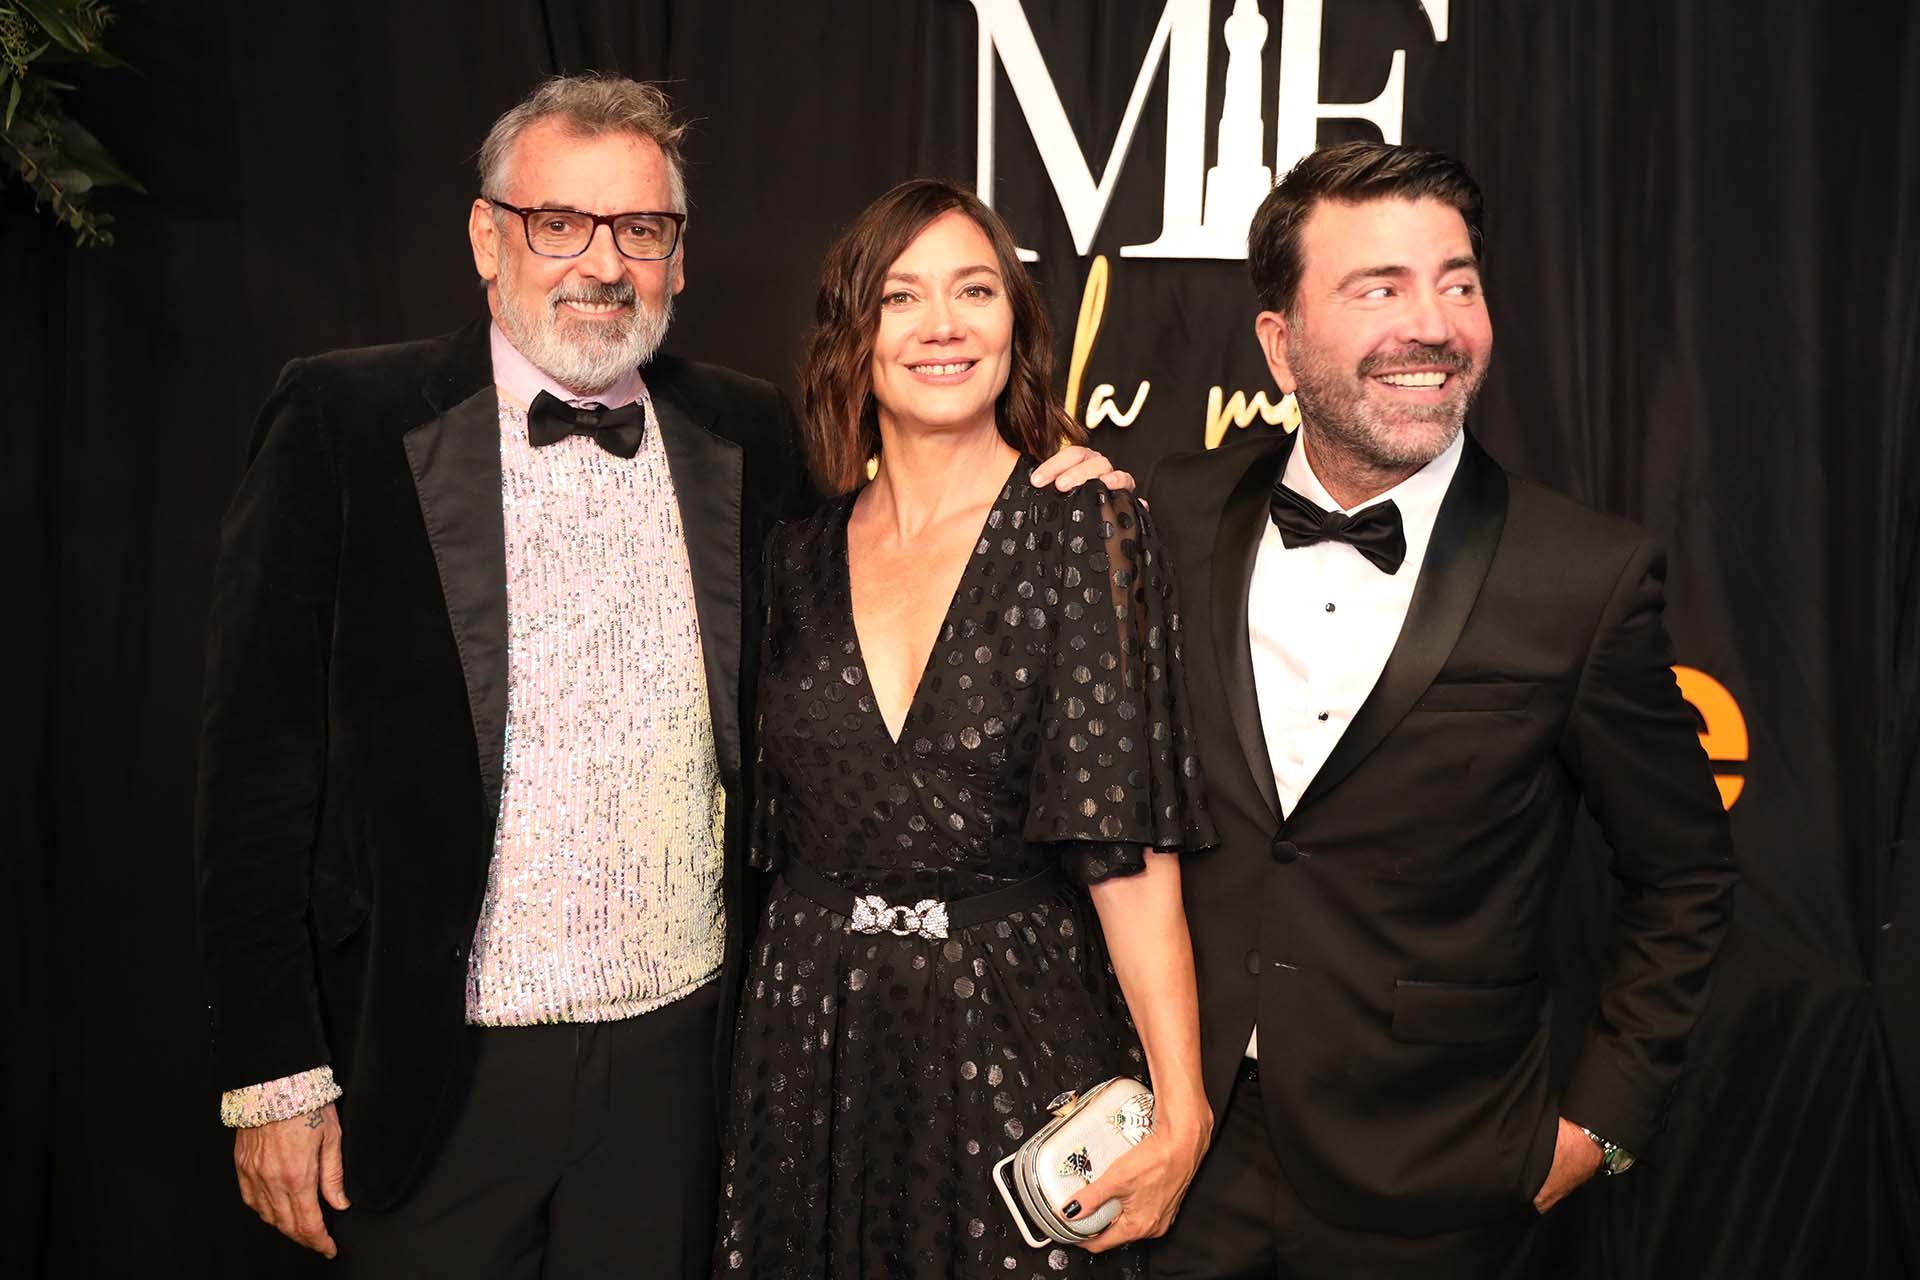 Tres diseñadores argentinos de lujo: Benito Fernández, Natalia Antolín y Javier Saiach